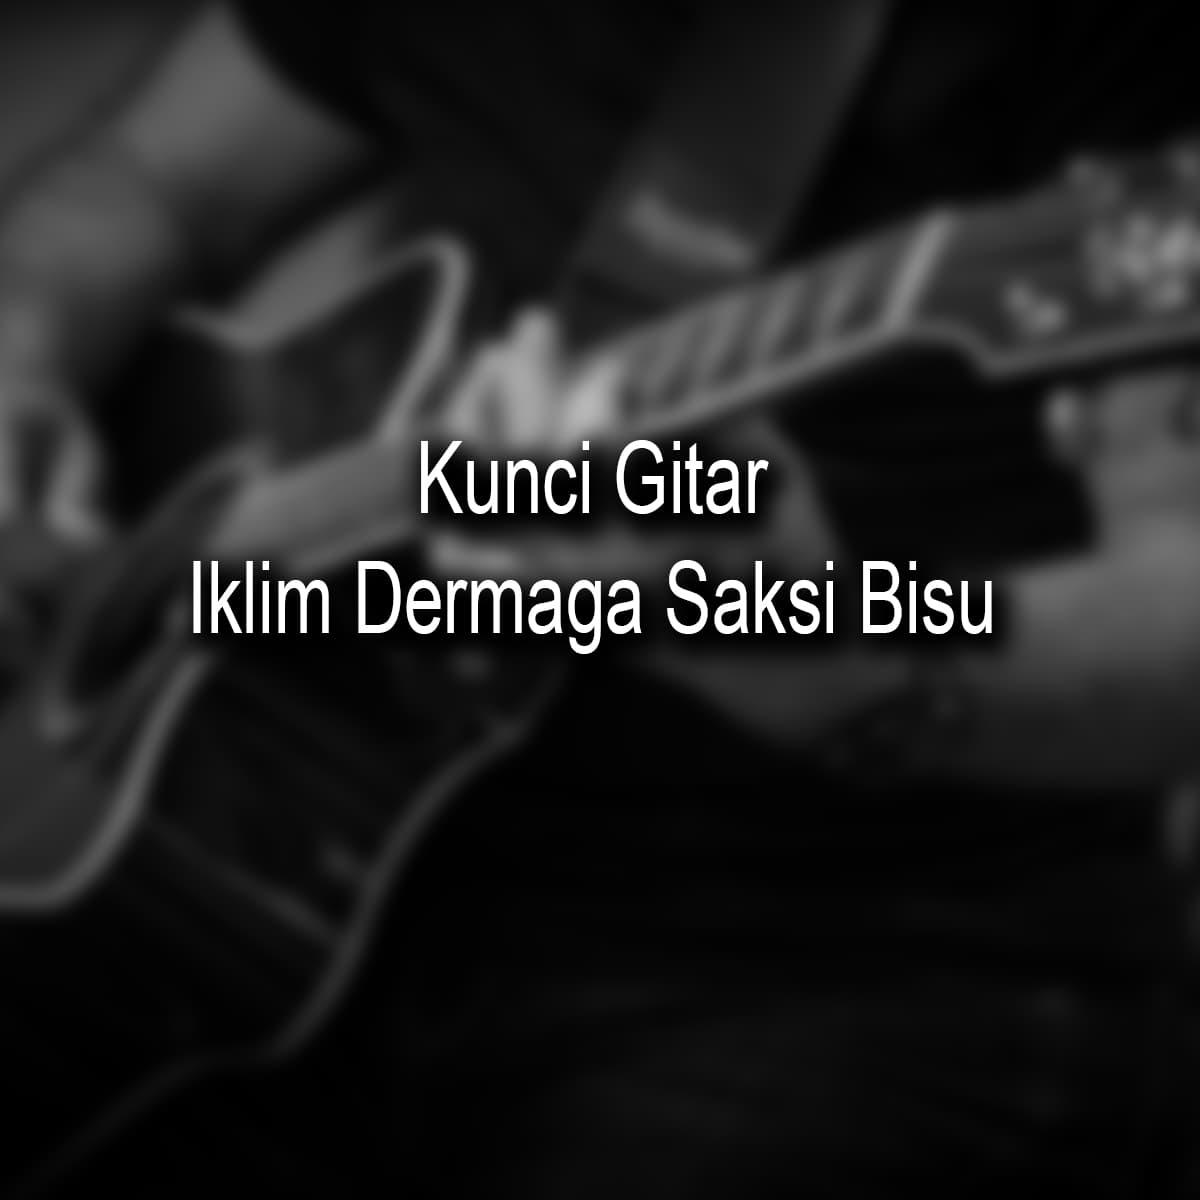 Kunci Gitar Iklim Dermaga Saksi Bisu